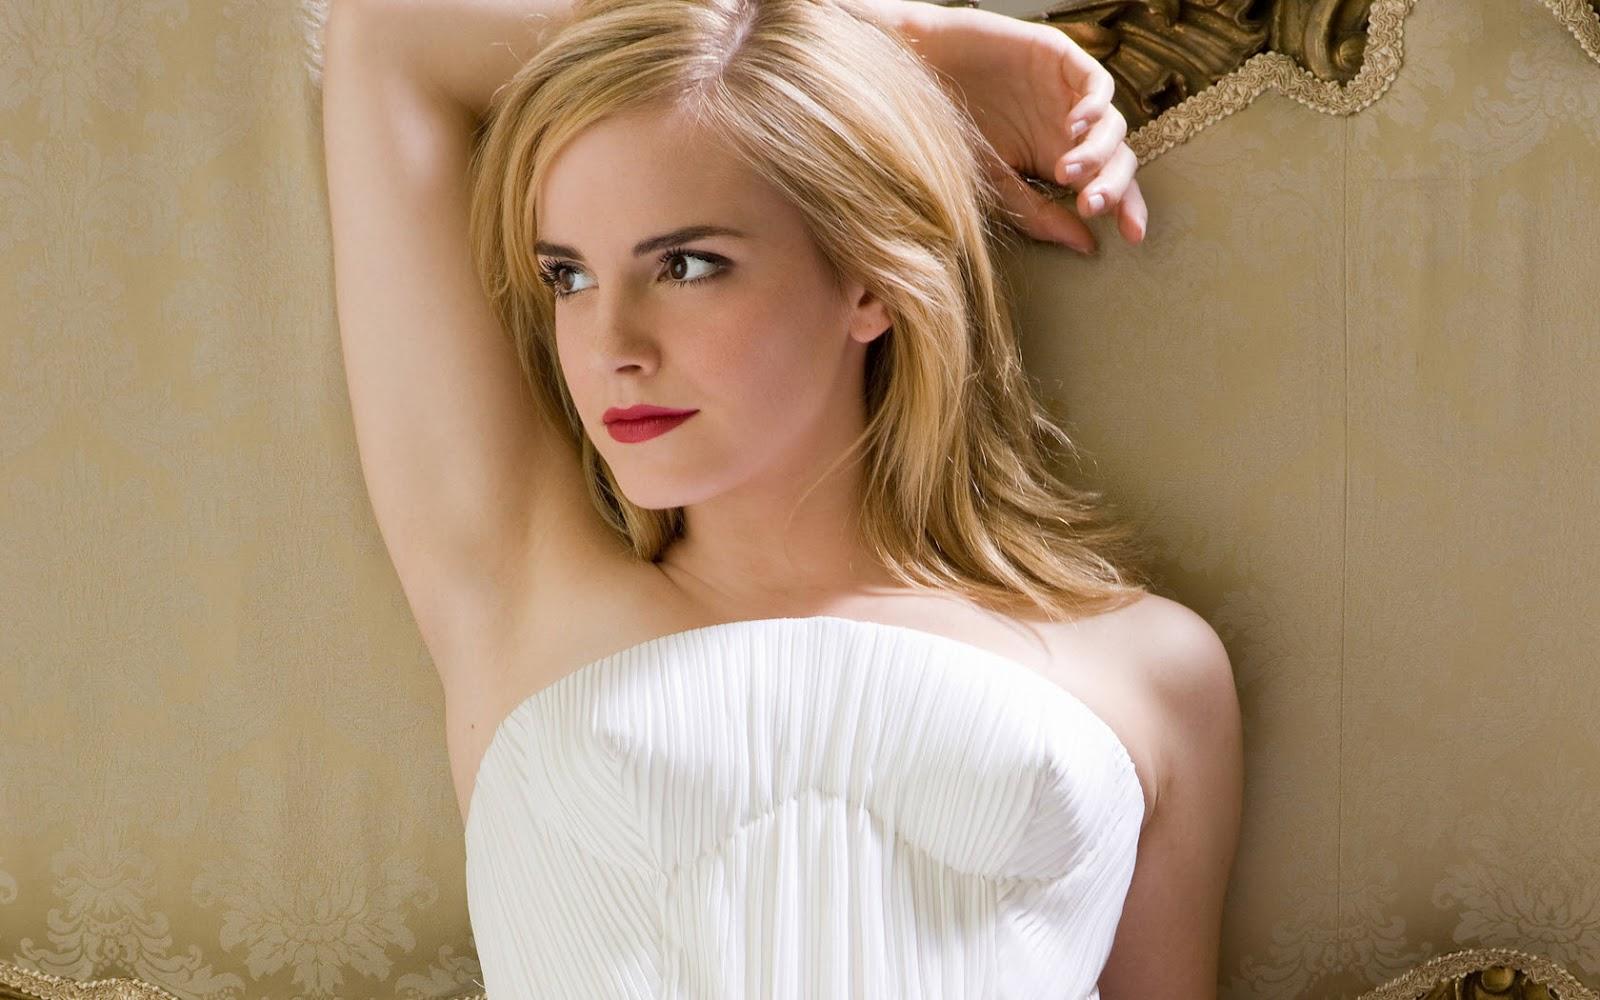 http://3.bp.blogspot.com/-2M6uZqjS8FQ/T9WLfiX_9HI/AAAAAAAAAcE/E_bvNYlAacI/s1600/Emma-Watson-Hot-Image.jpg